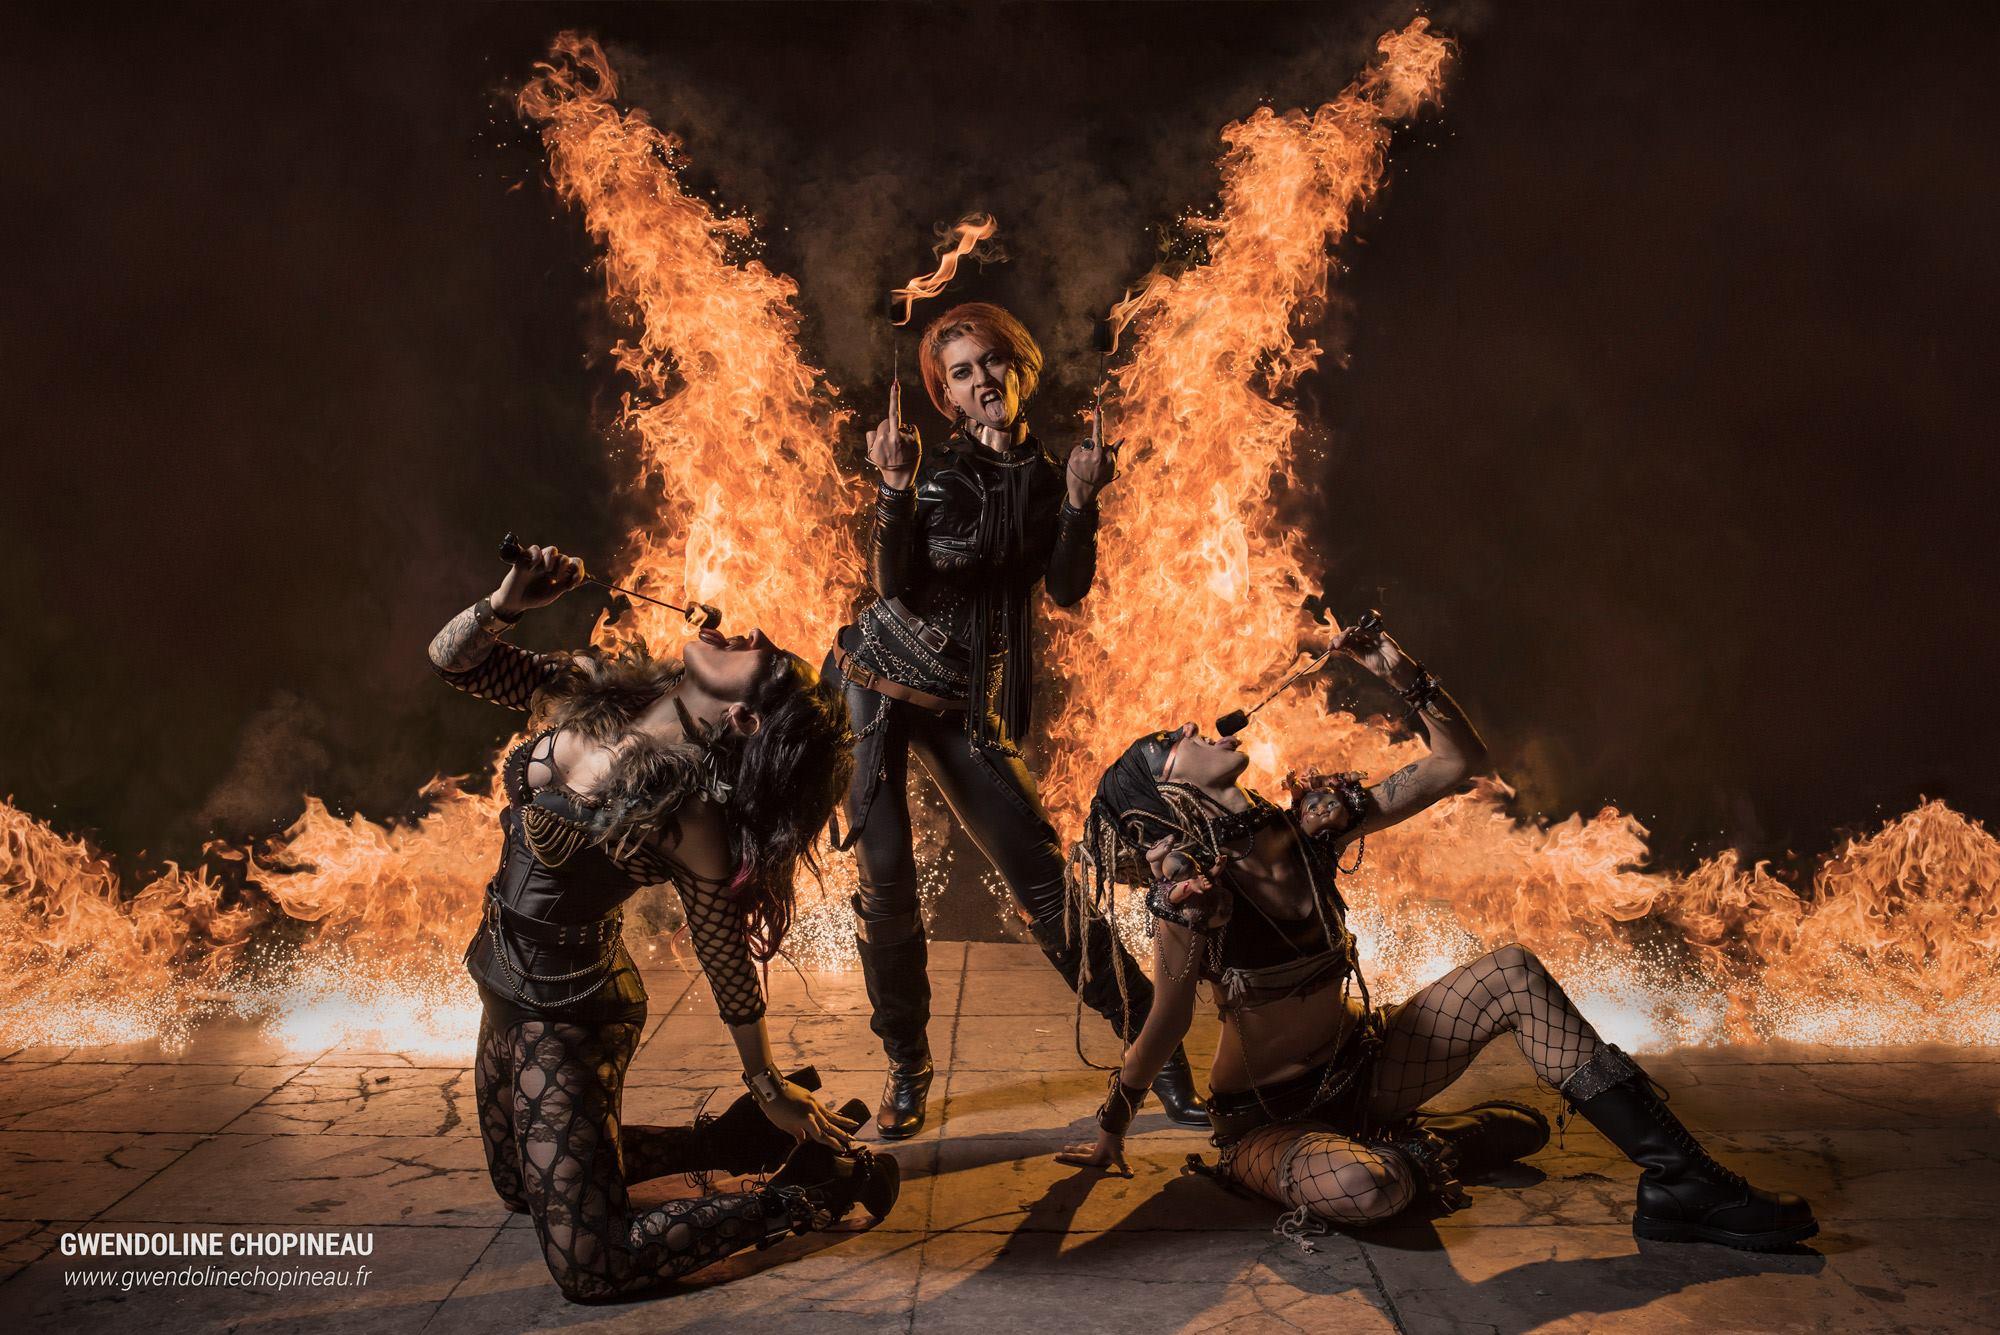 Effets pyrotechniques photographie Quarante Quatre